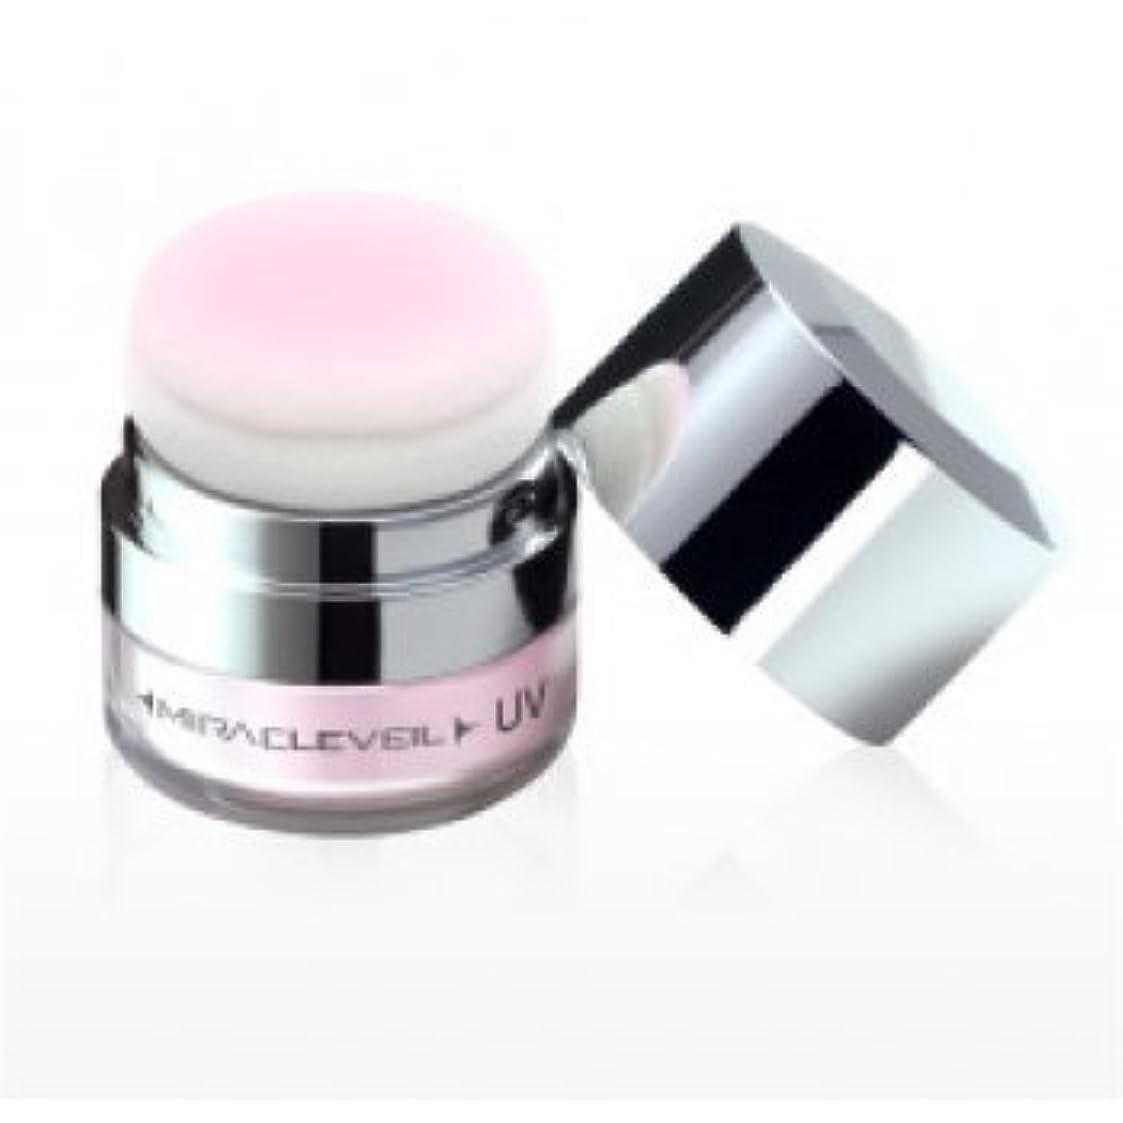 スポット不適争うミラクルヴェール UV(天然ダイヤモンド配合 日焼け止めパウダータイプ)SPF18 PA++